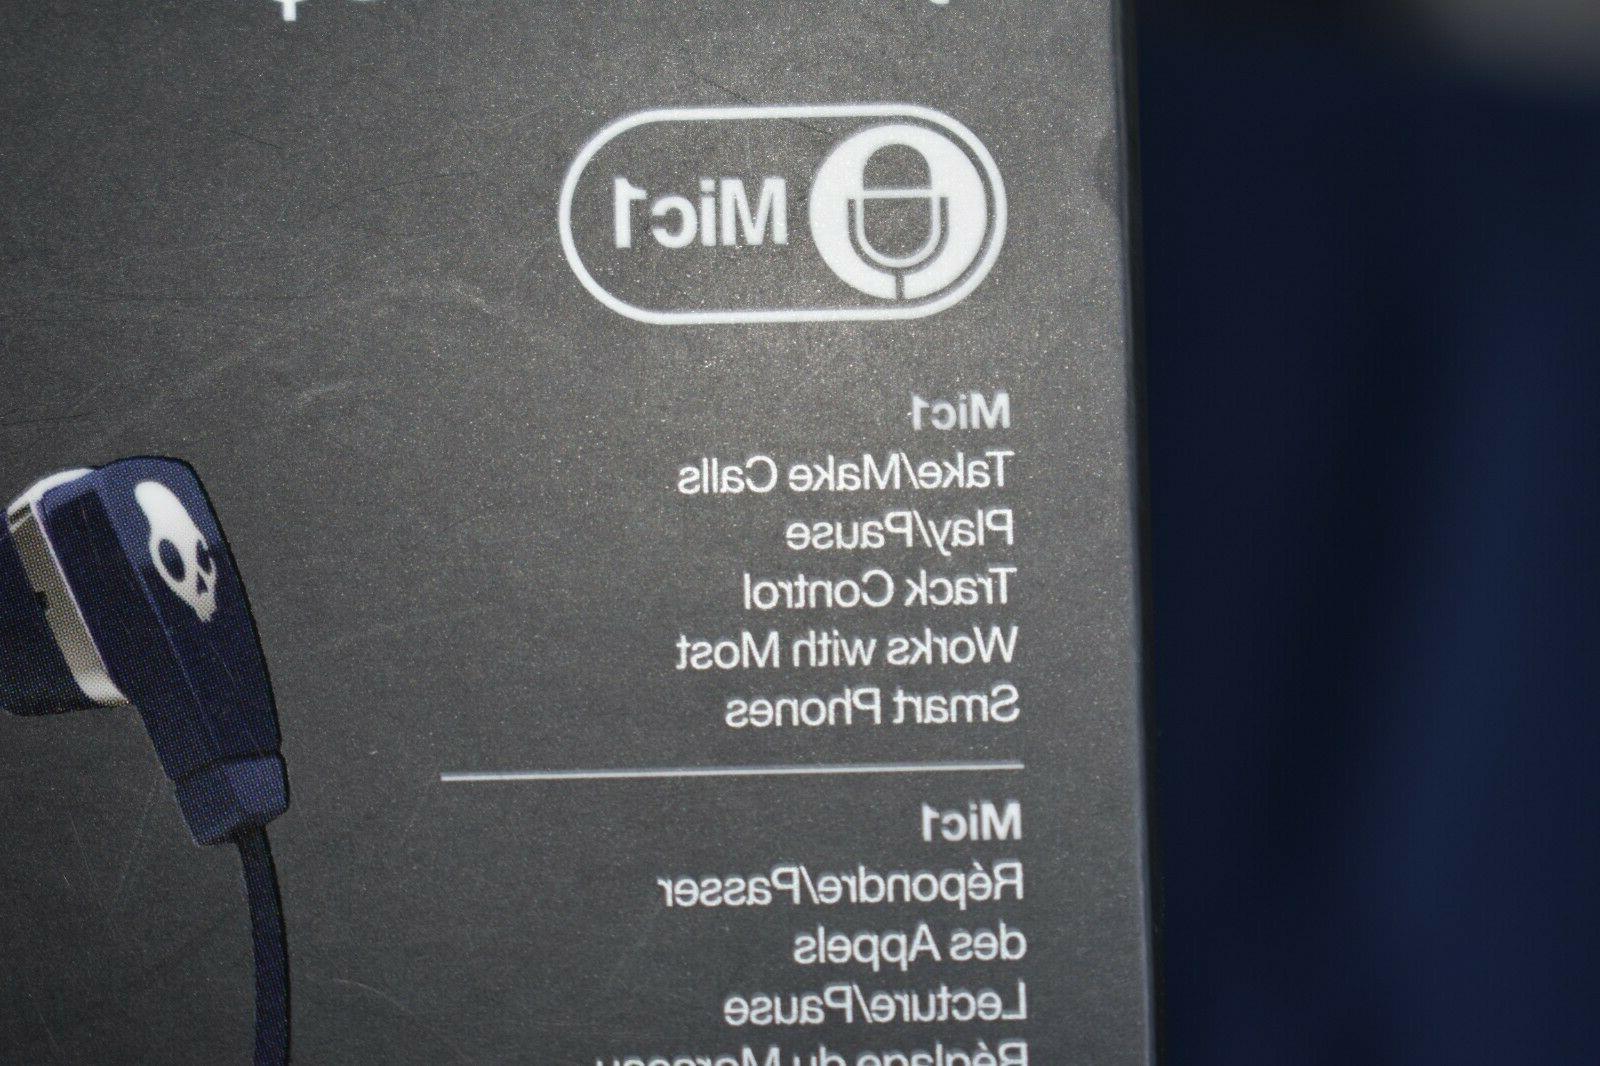 New OEM Merge Phones